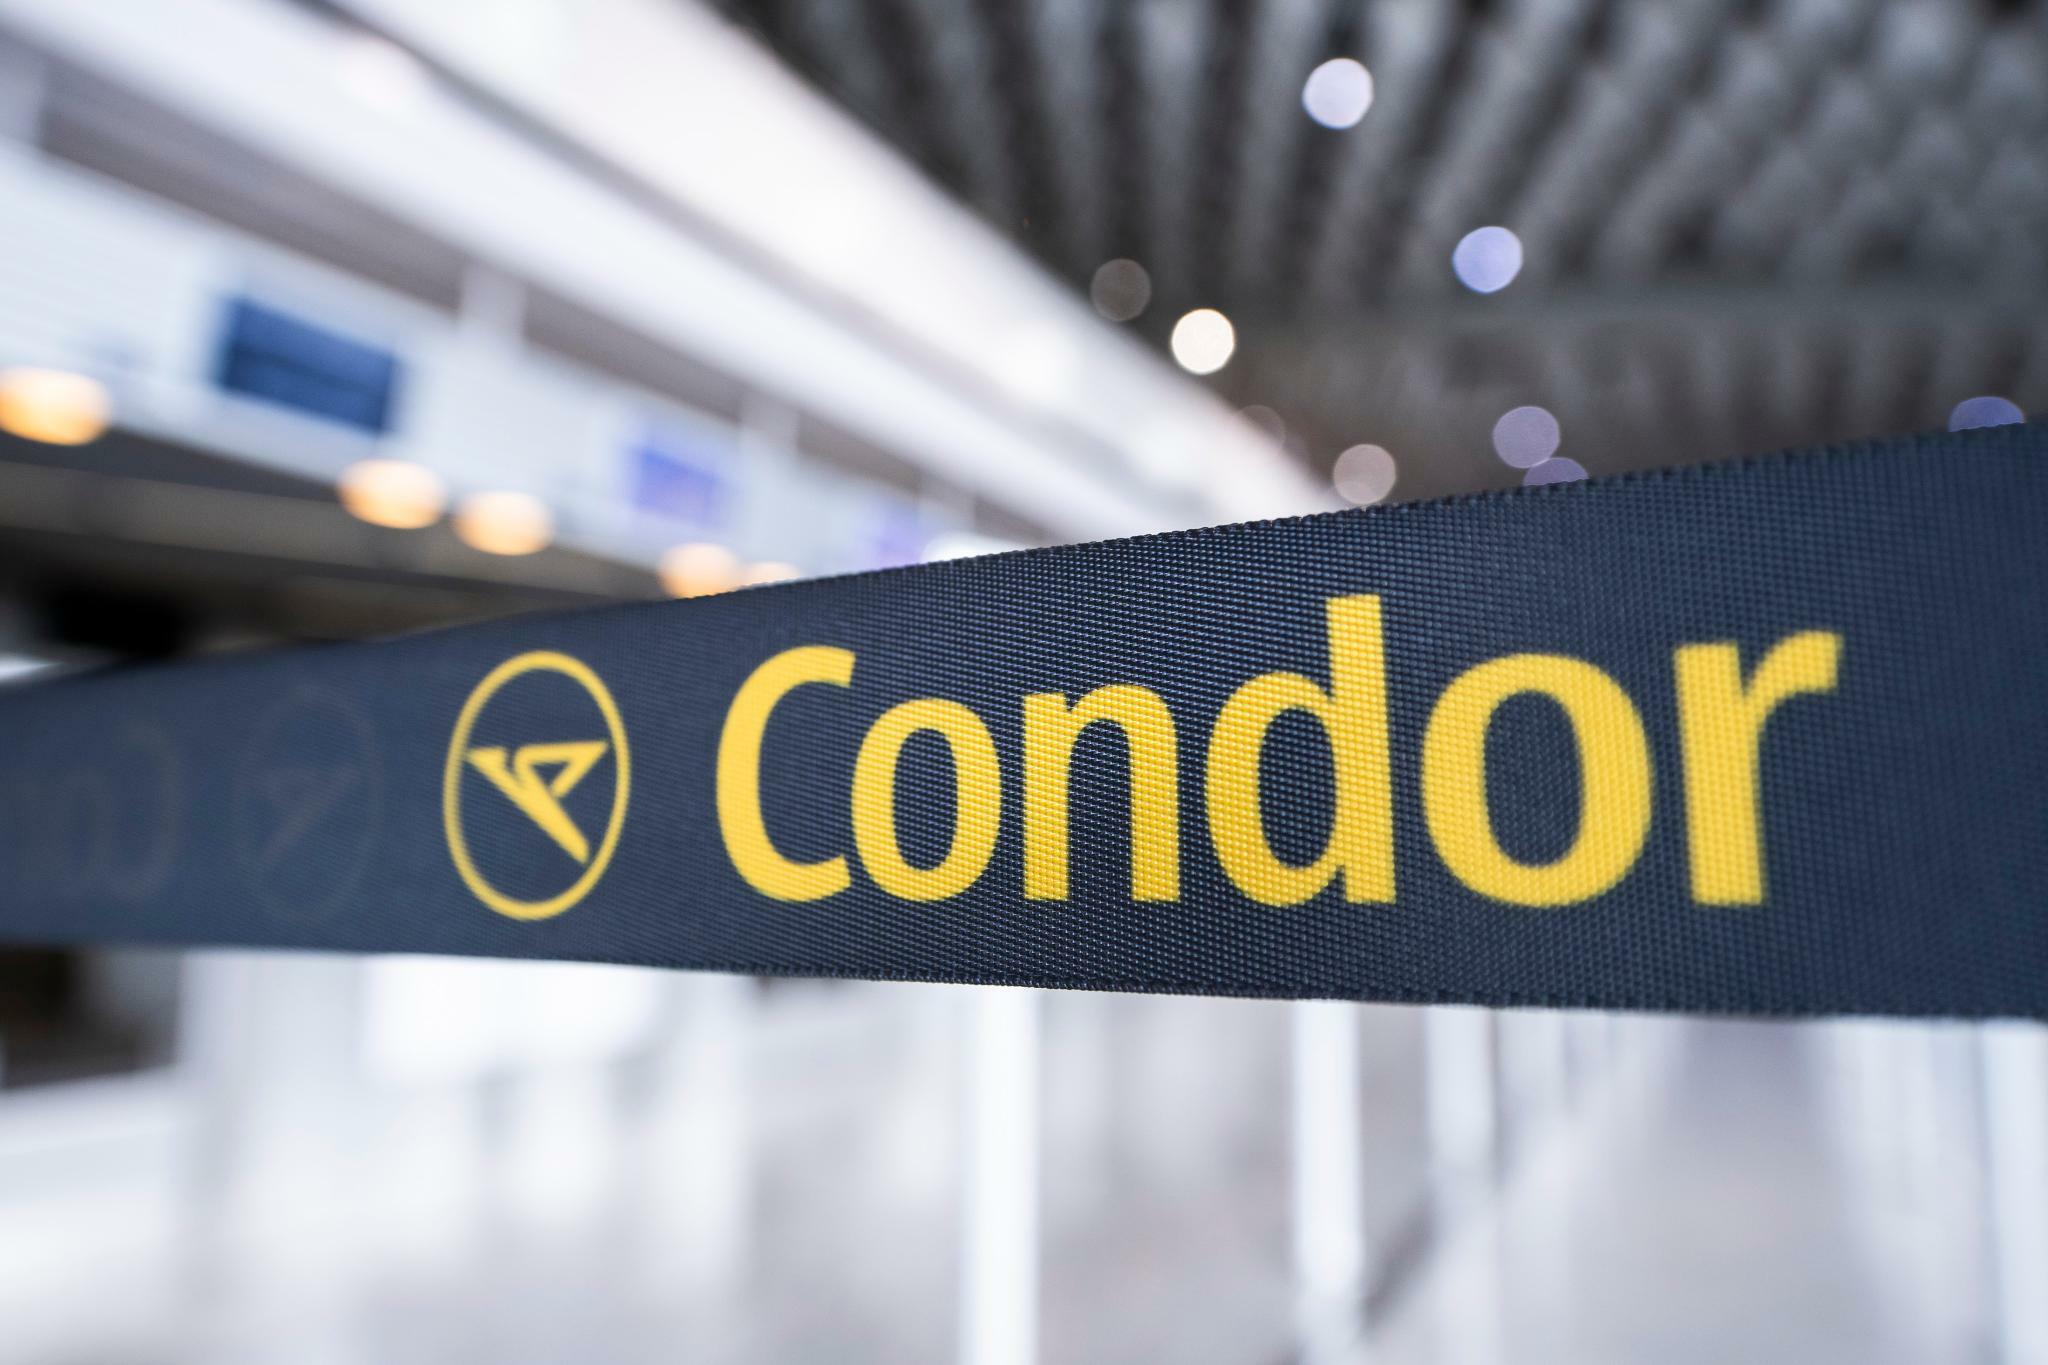 Ferienfluggesellschaft: EU-Kommission genehmigt Überbrückungskredit für Condor